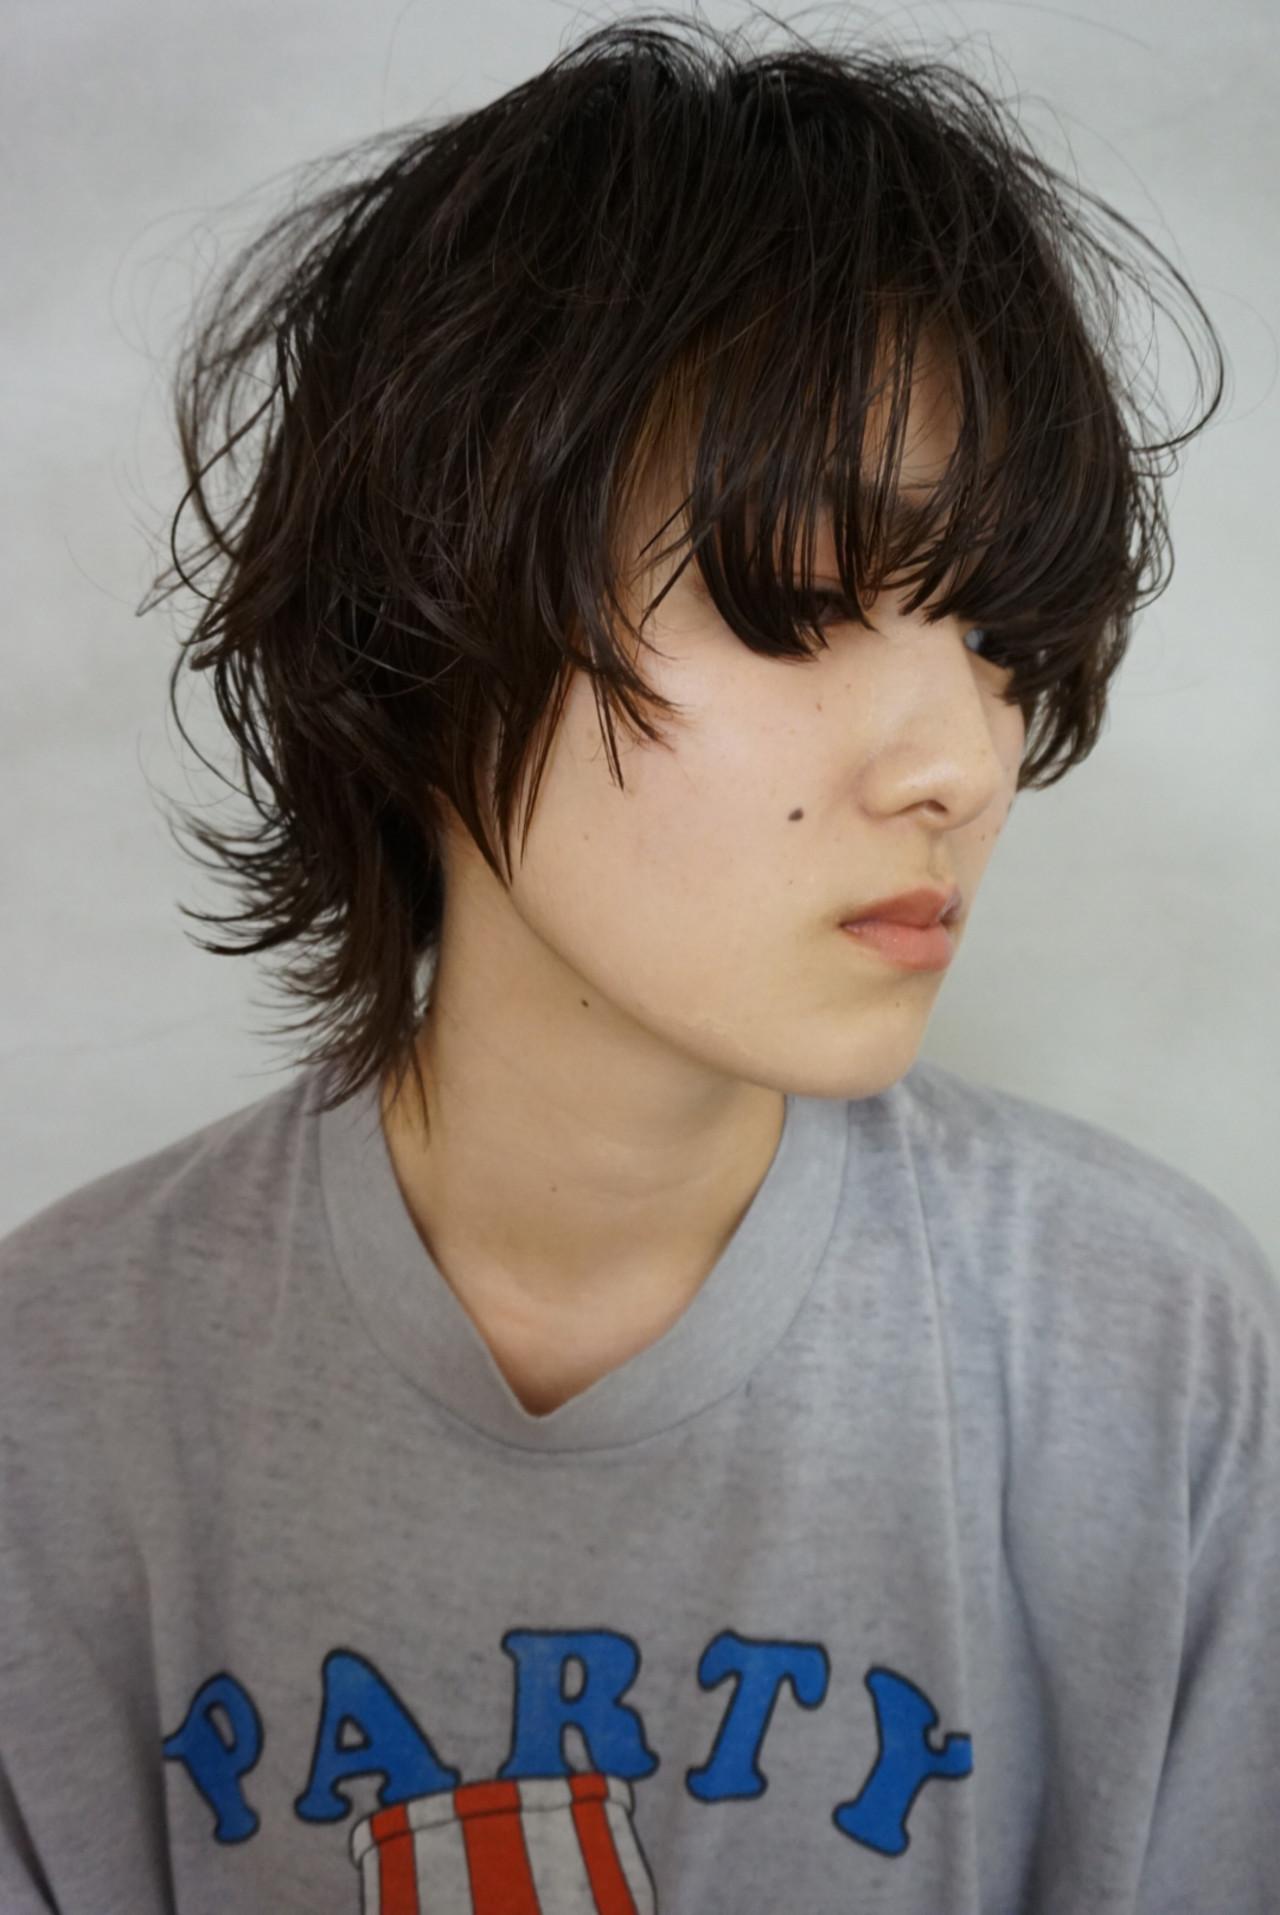 黒髪 ウルフカット マッシュウルフ ナチュラル ヘアスタイルや髪型の写真・画像